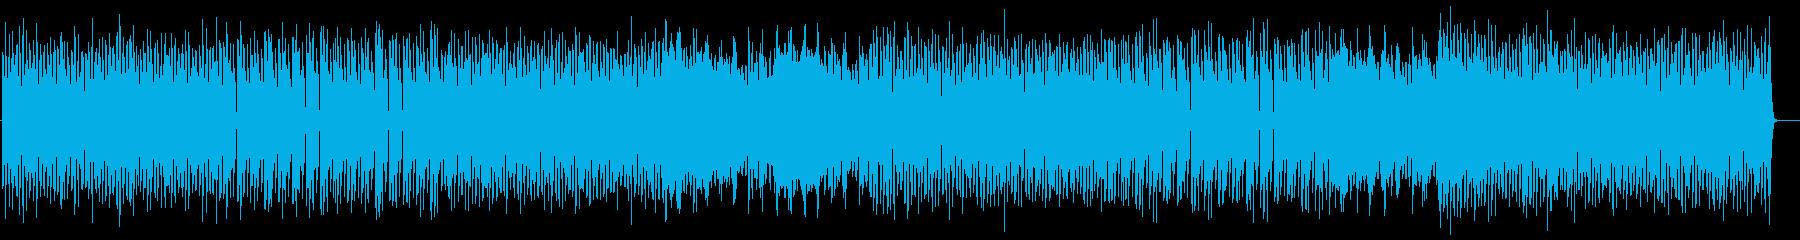 ミニマルでクールなテクノの再生済みの波形